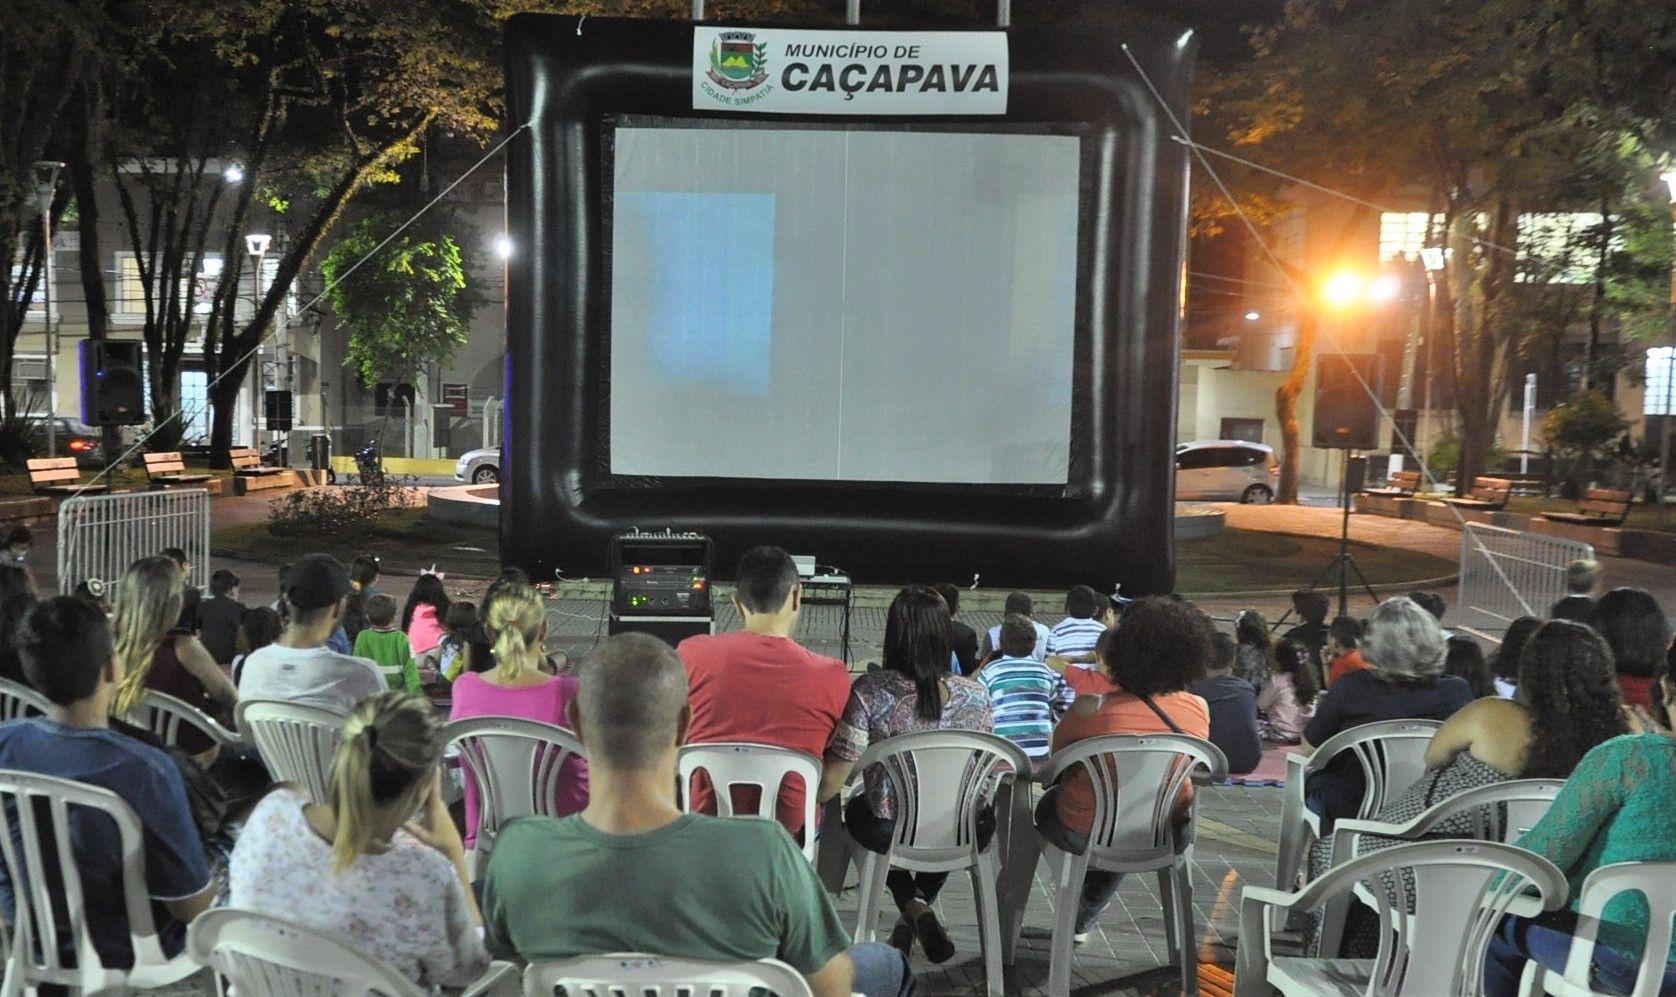 Prefeitura de Caçapava oferece sessões de cinema ao ar livre